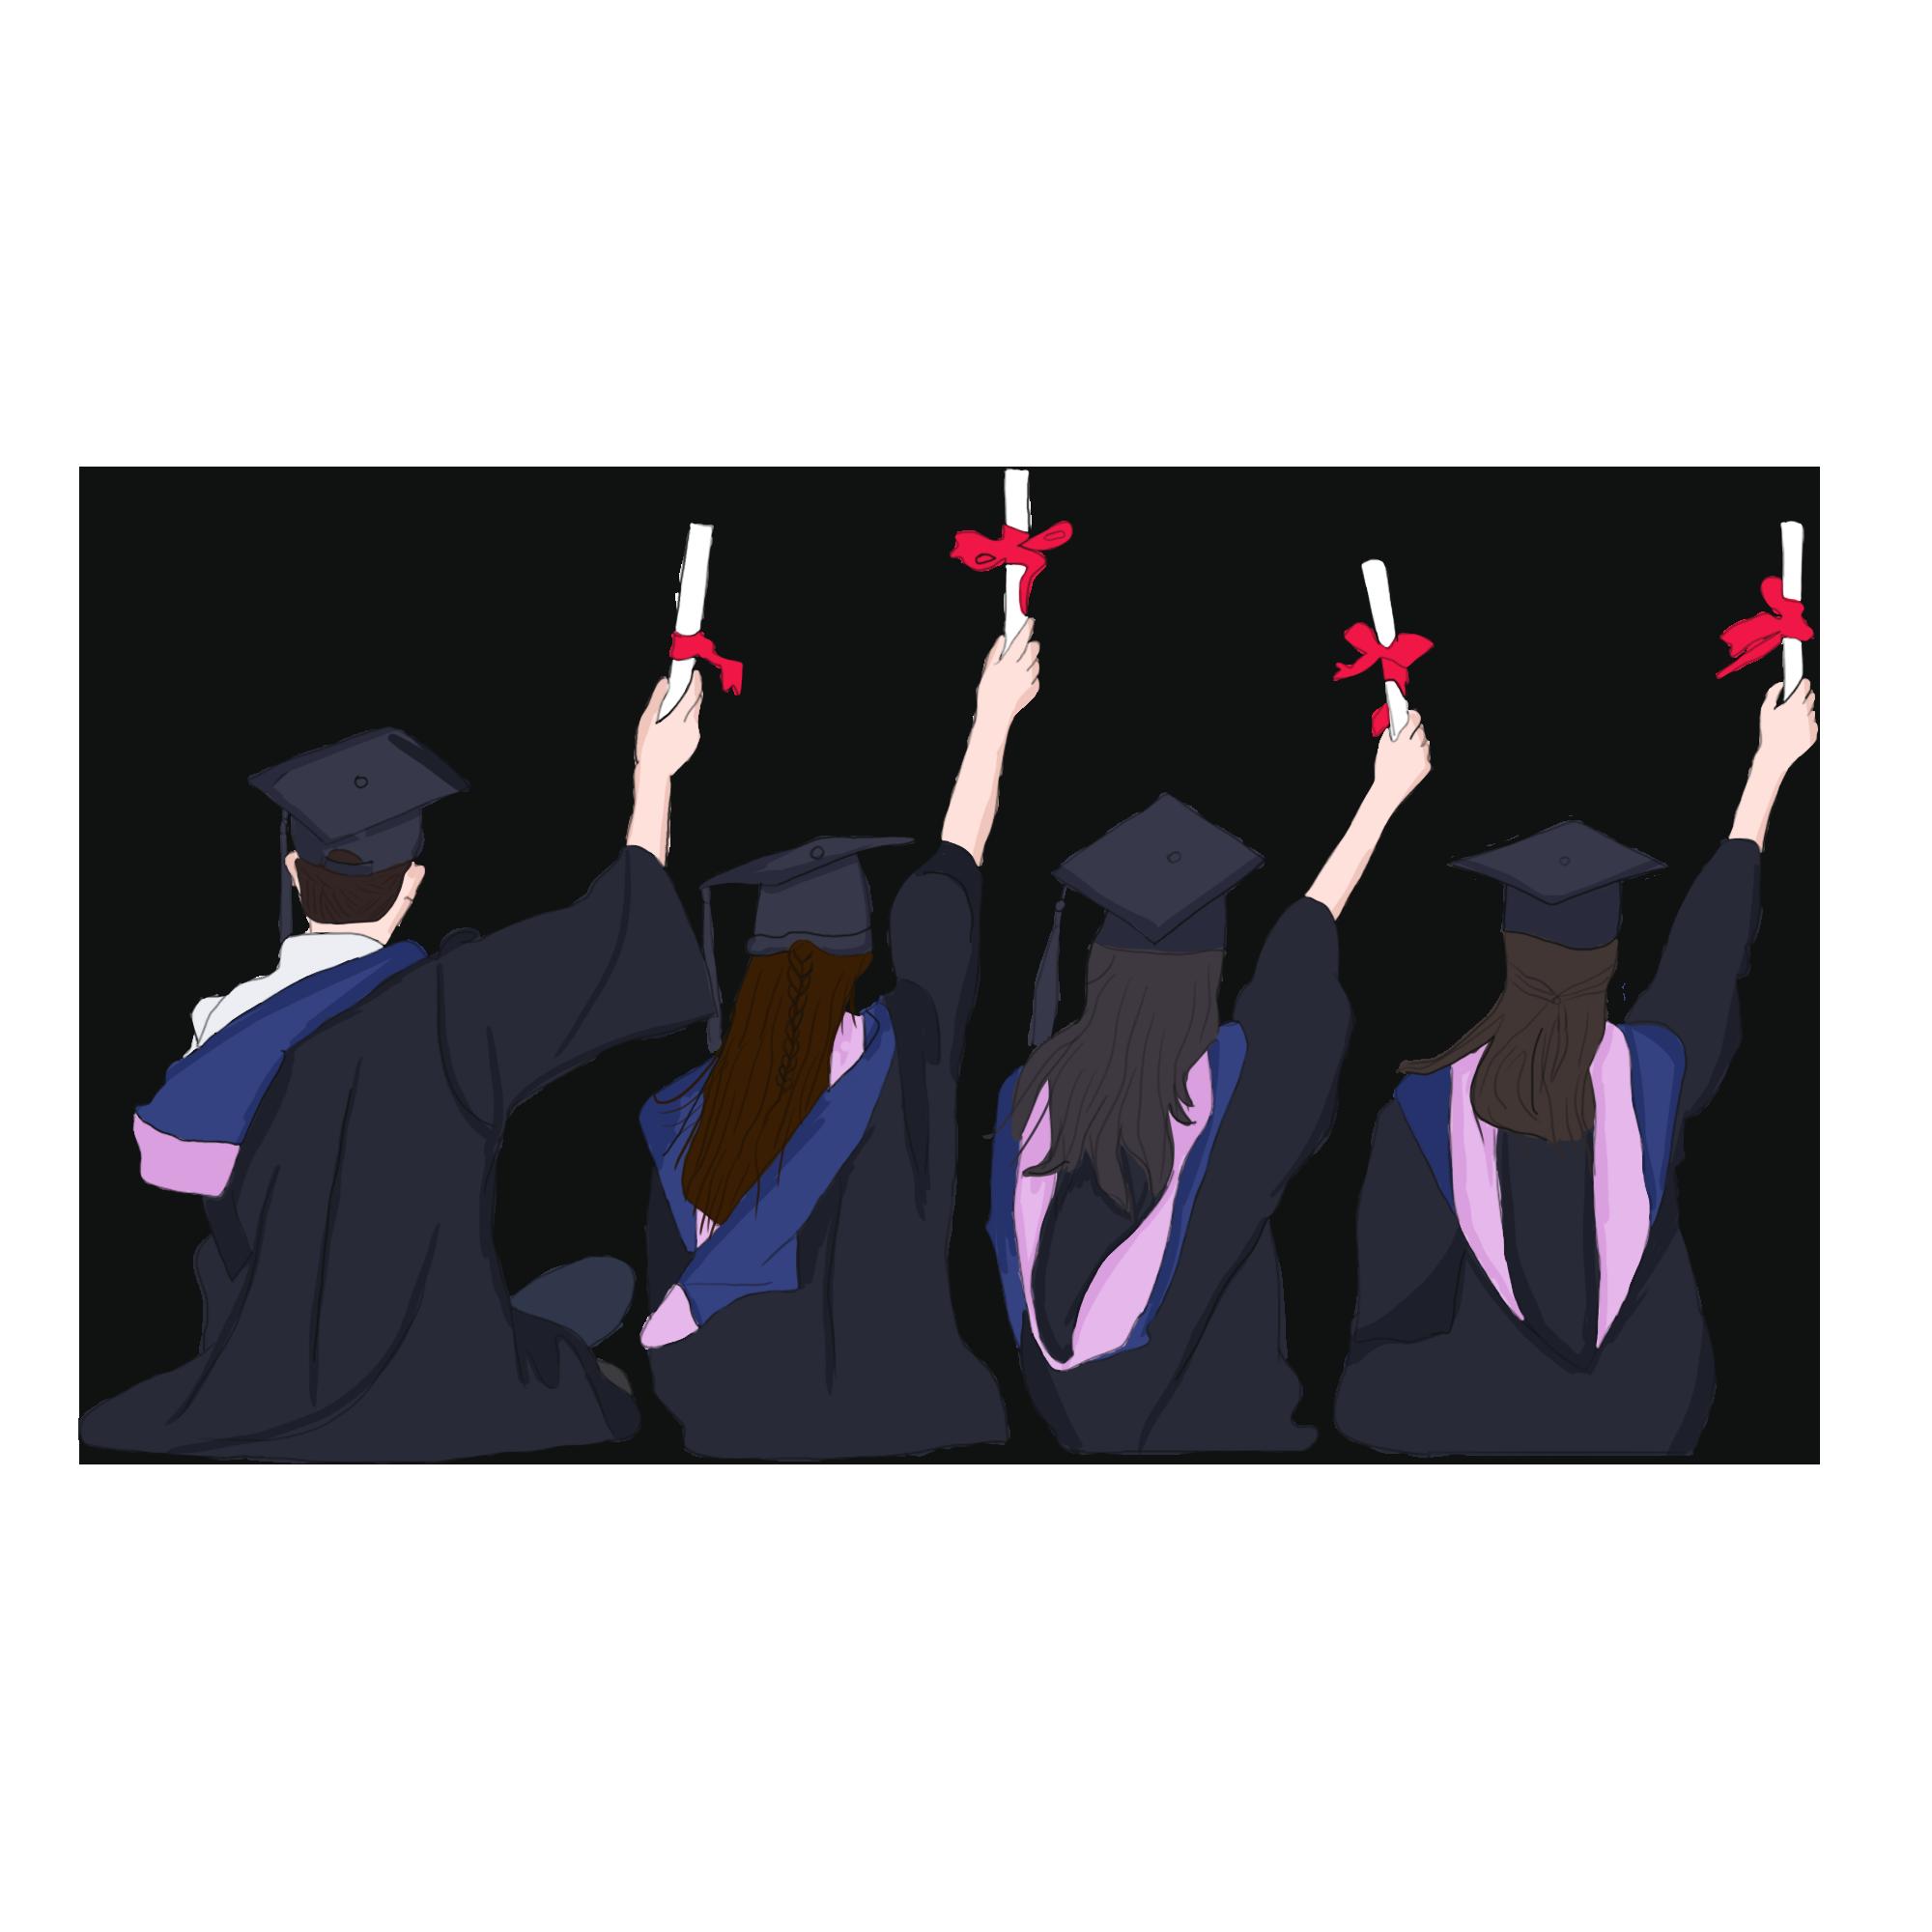 874万人的毕业季,你将何去何从?